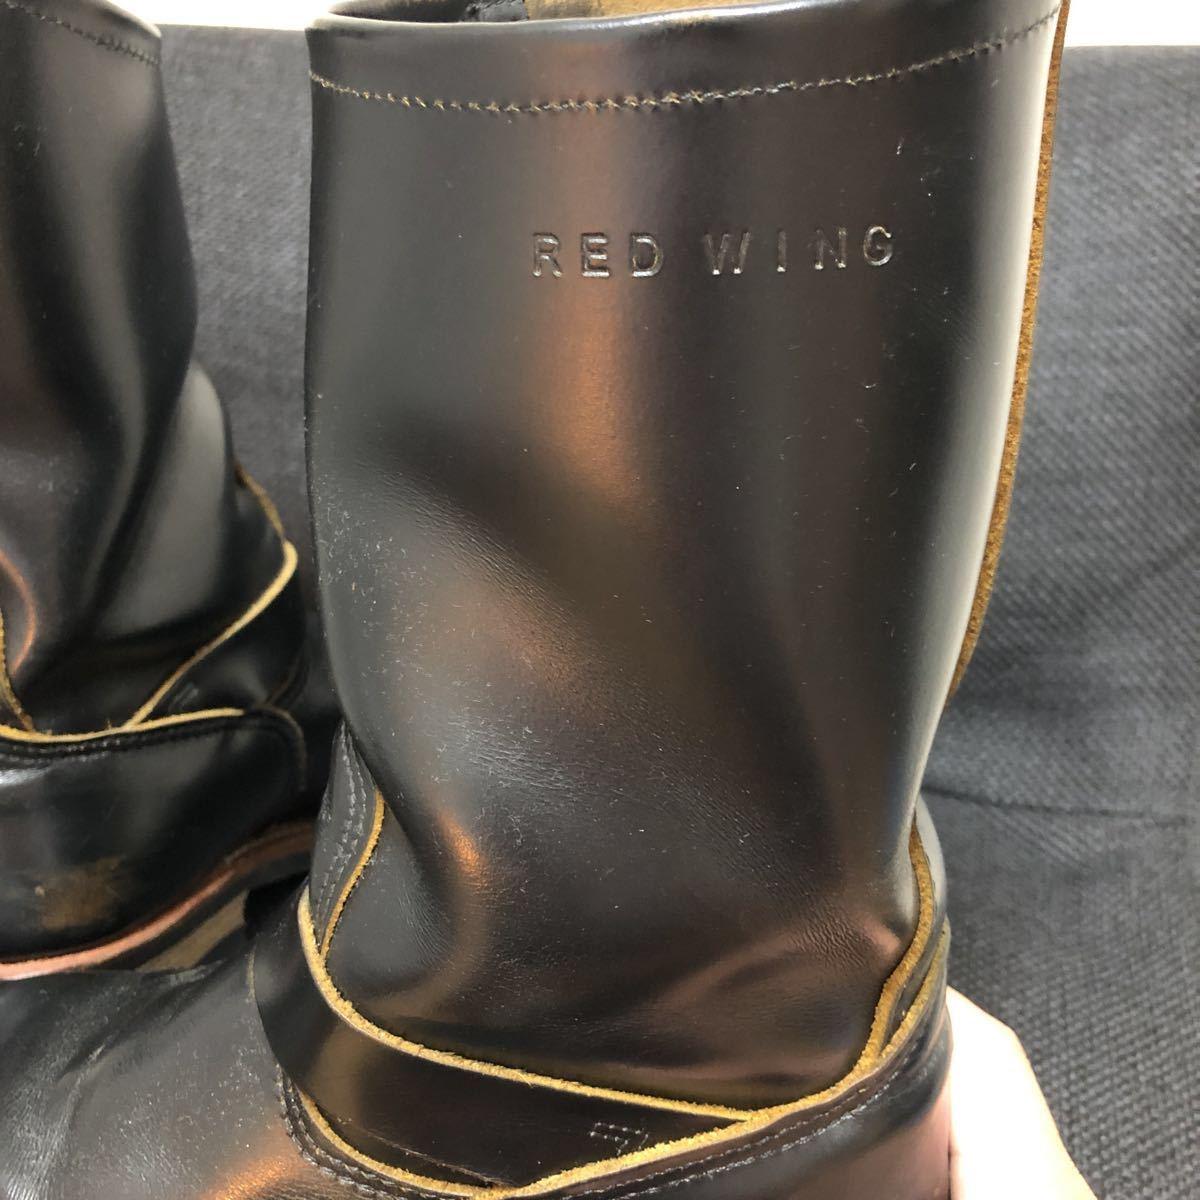 RED WING(レッドウィング) 9268 Engineer Boots(エンジニアブーツ スチールあり) ブラック・クロンダイク 茶芯_画像8